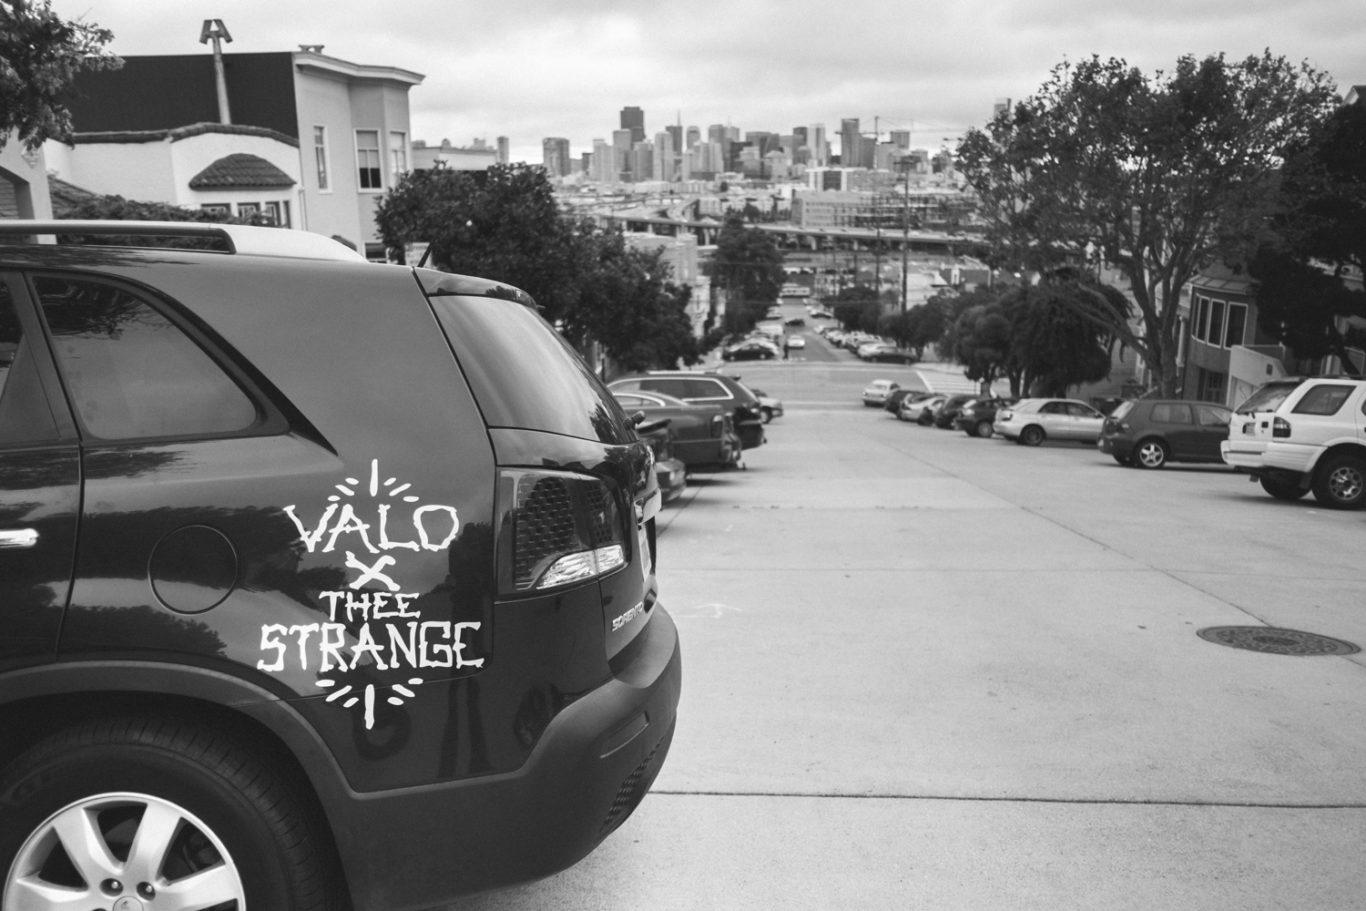 ValoxStrange_SF-1